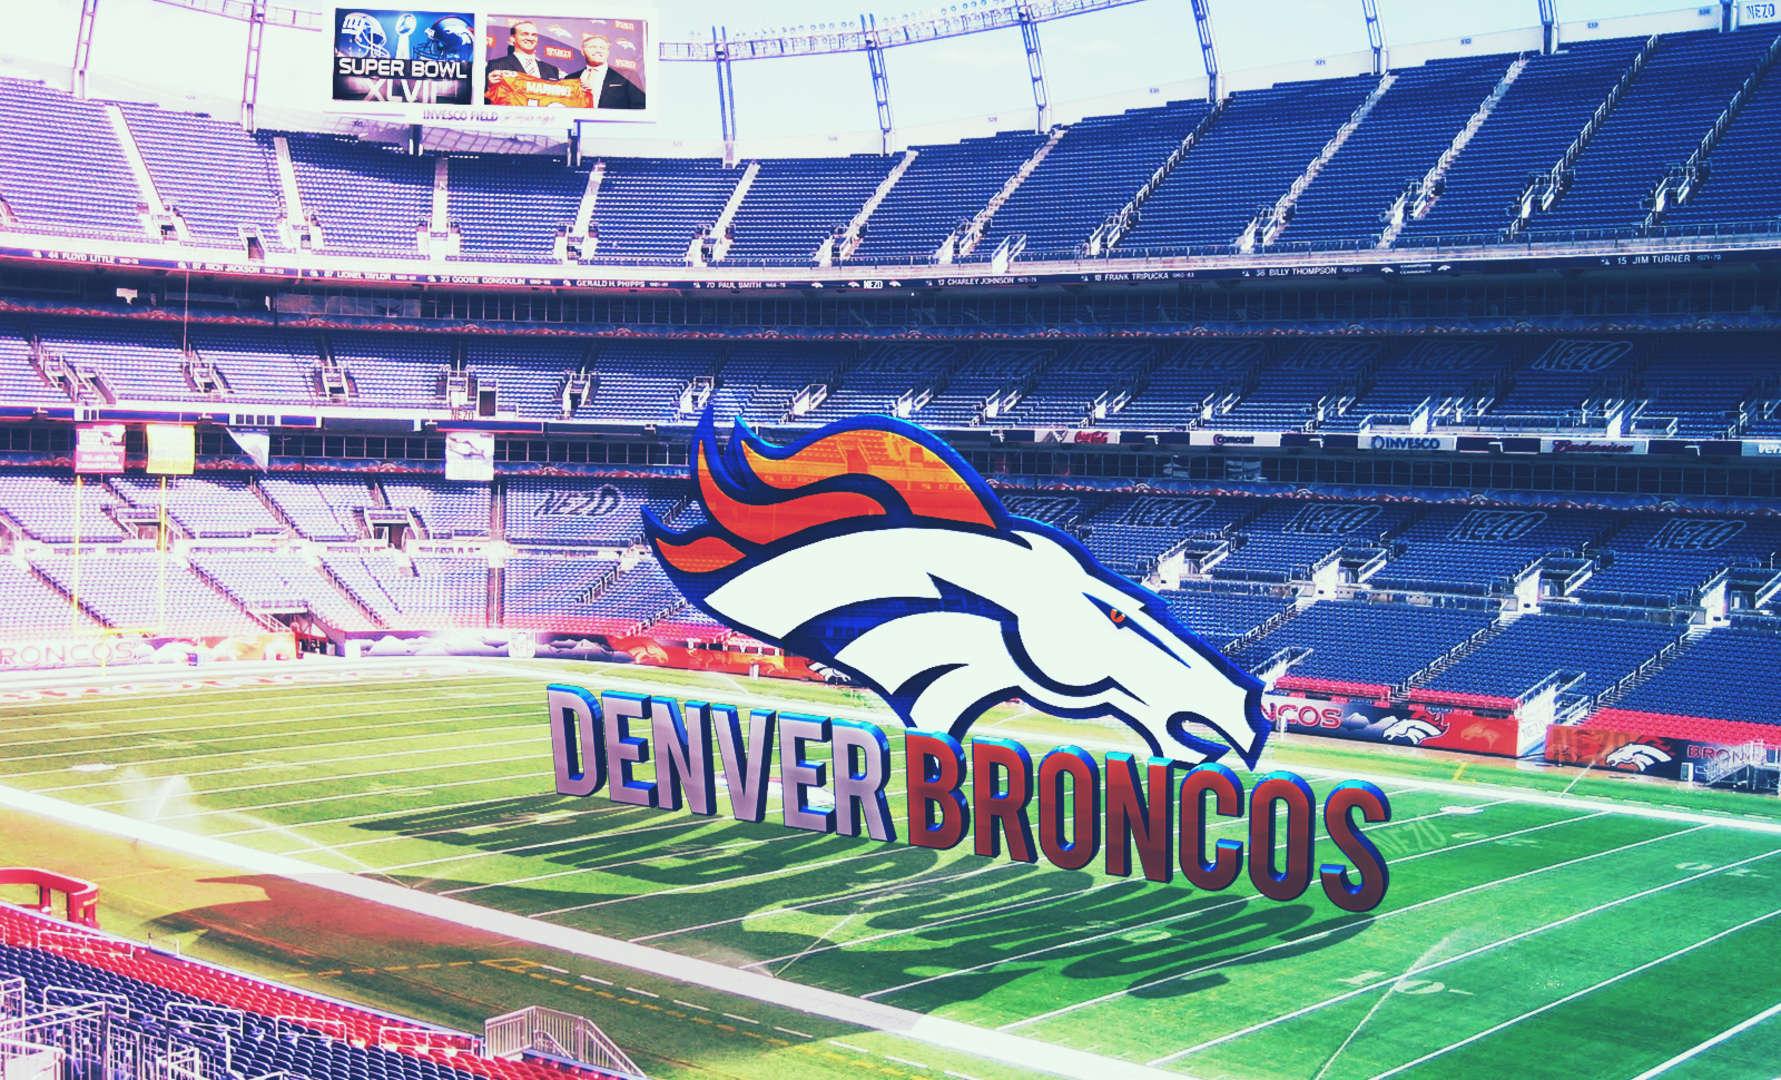 Deviantart More Like Denver Broncos Wallpaper By Inezo 1781x1080